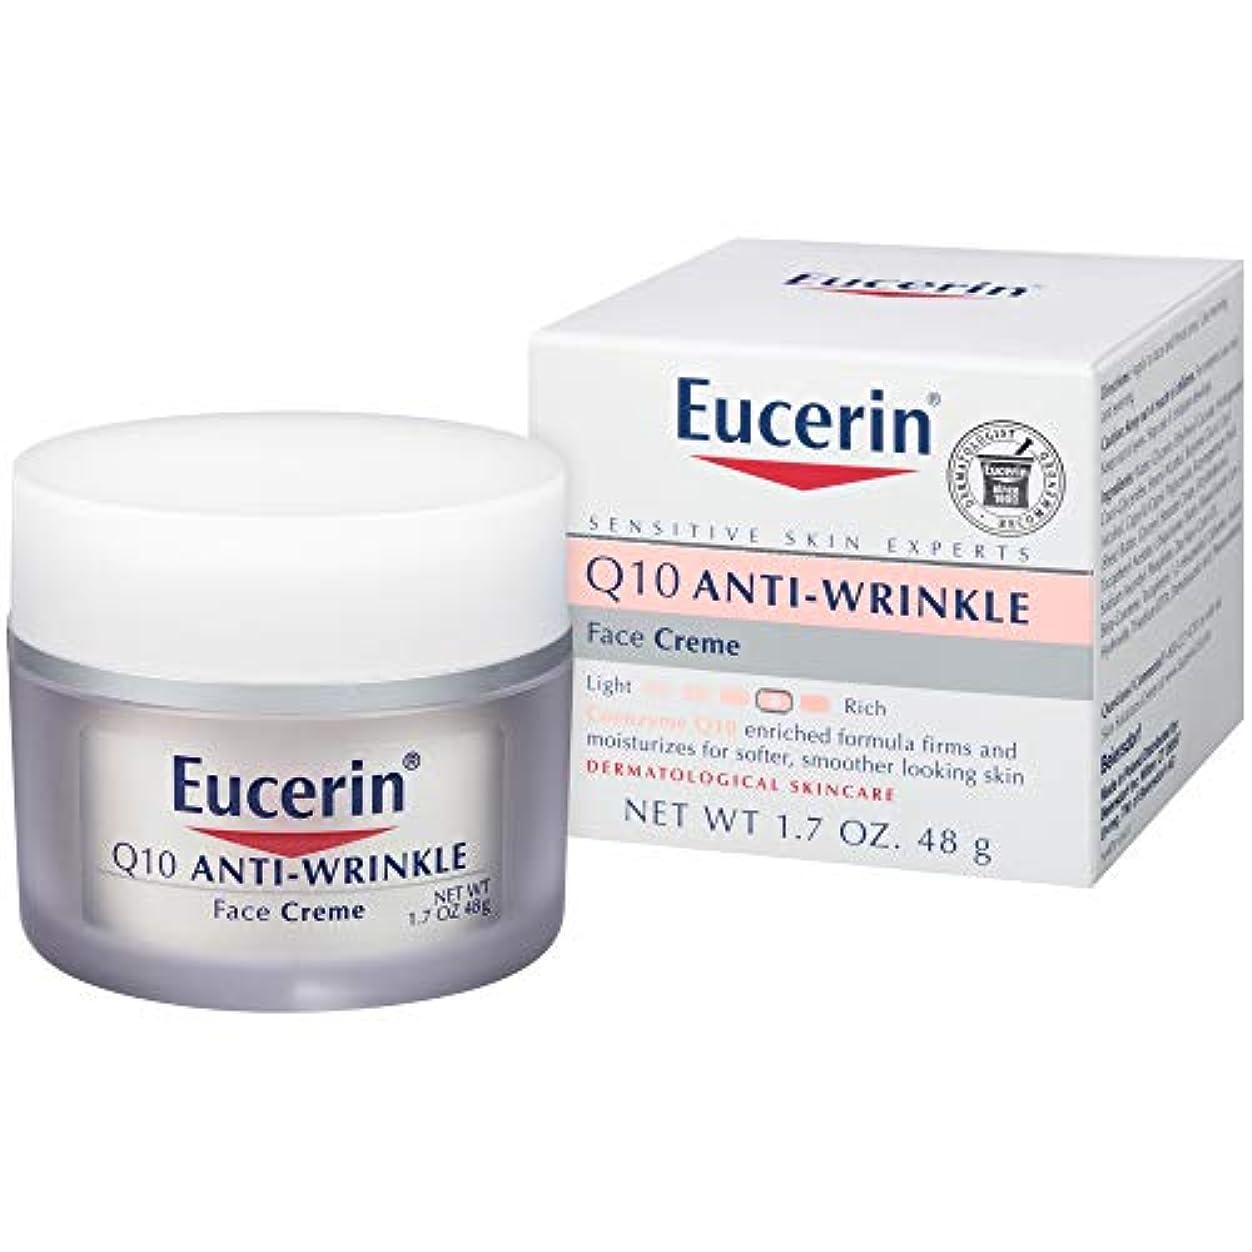 きらめきエピソードランタンEucerin Sensitive Facial Skin Q10 Anti-Wrinkle Sensitive Skin Creme 48g (並行輸入品)